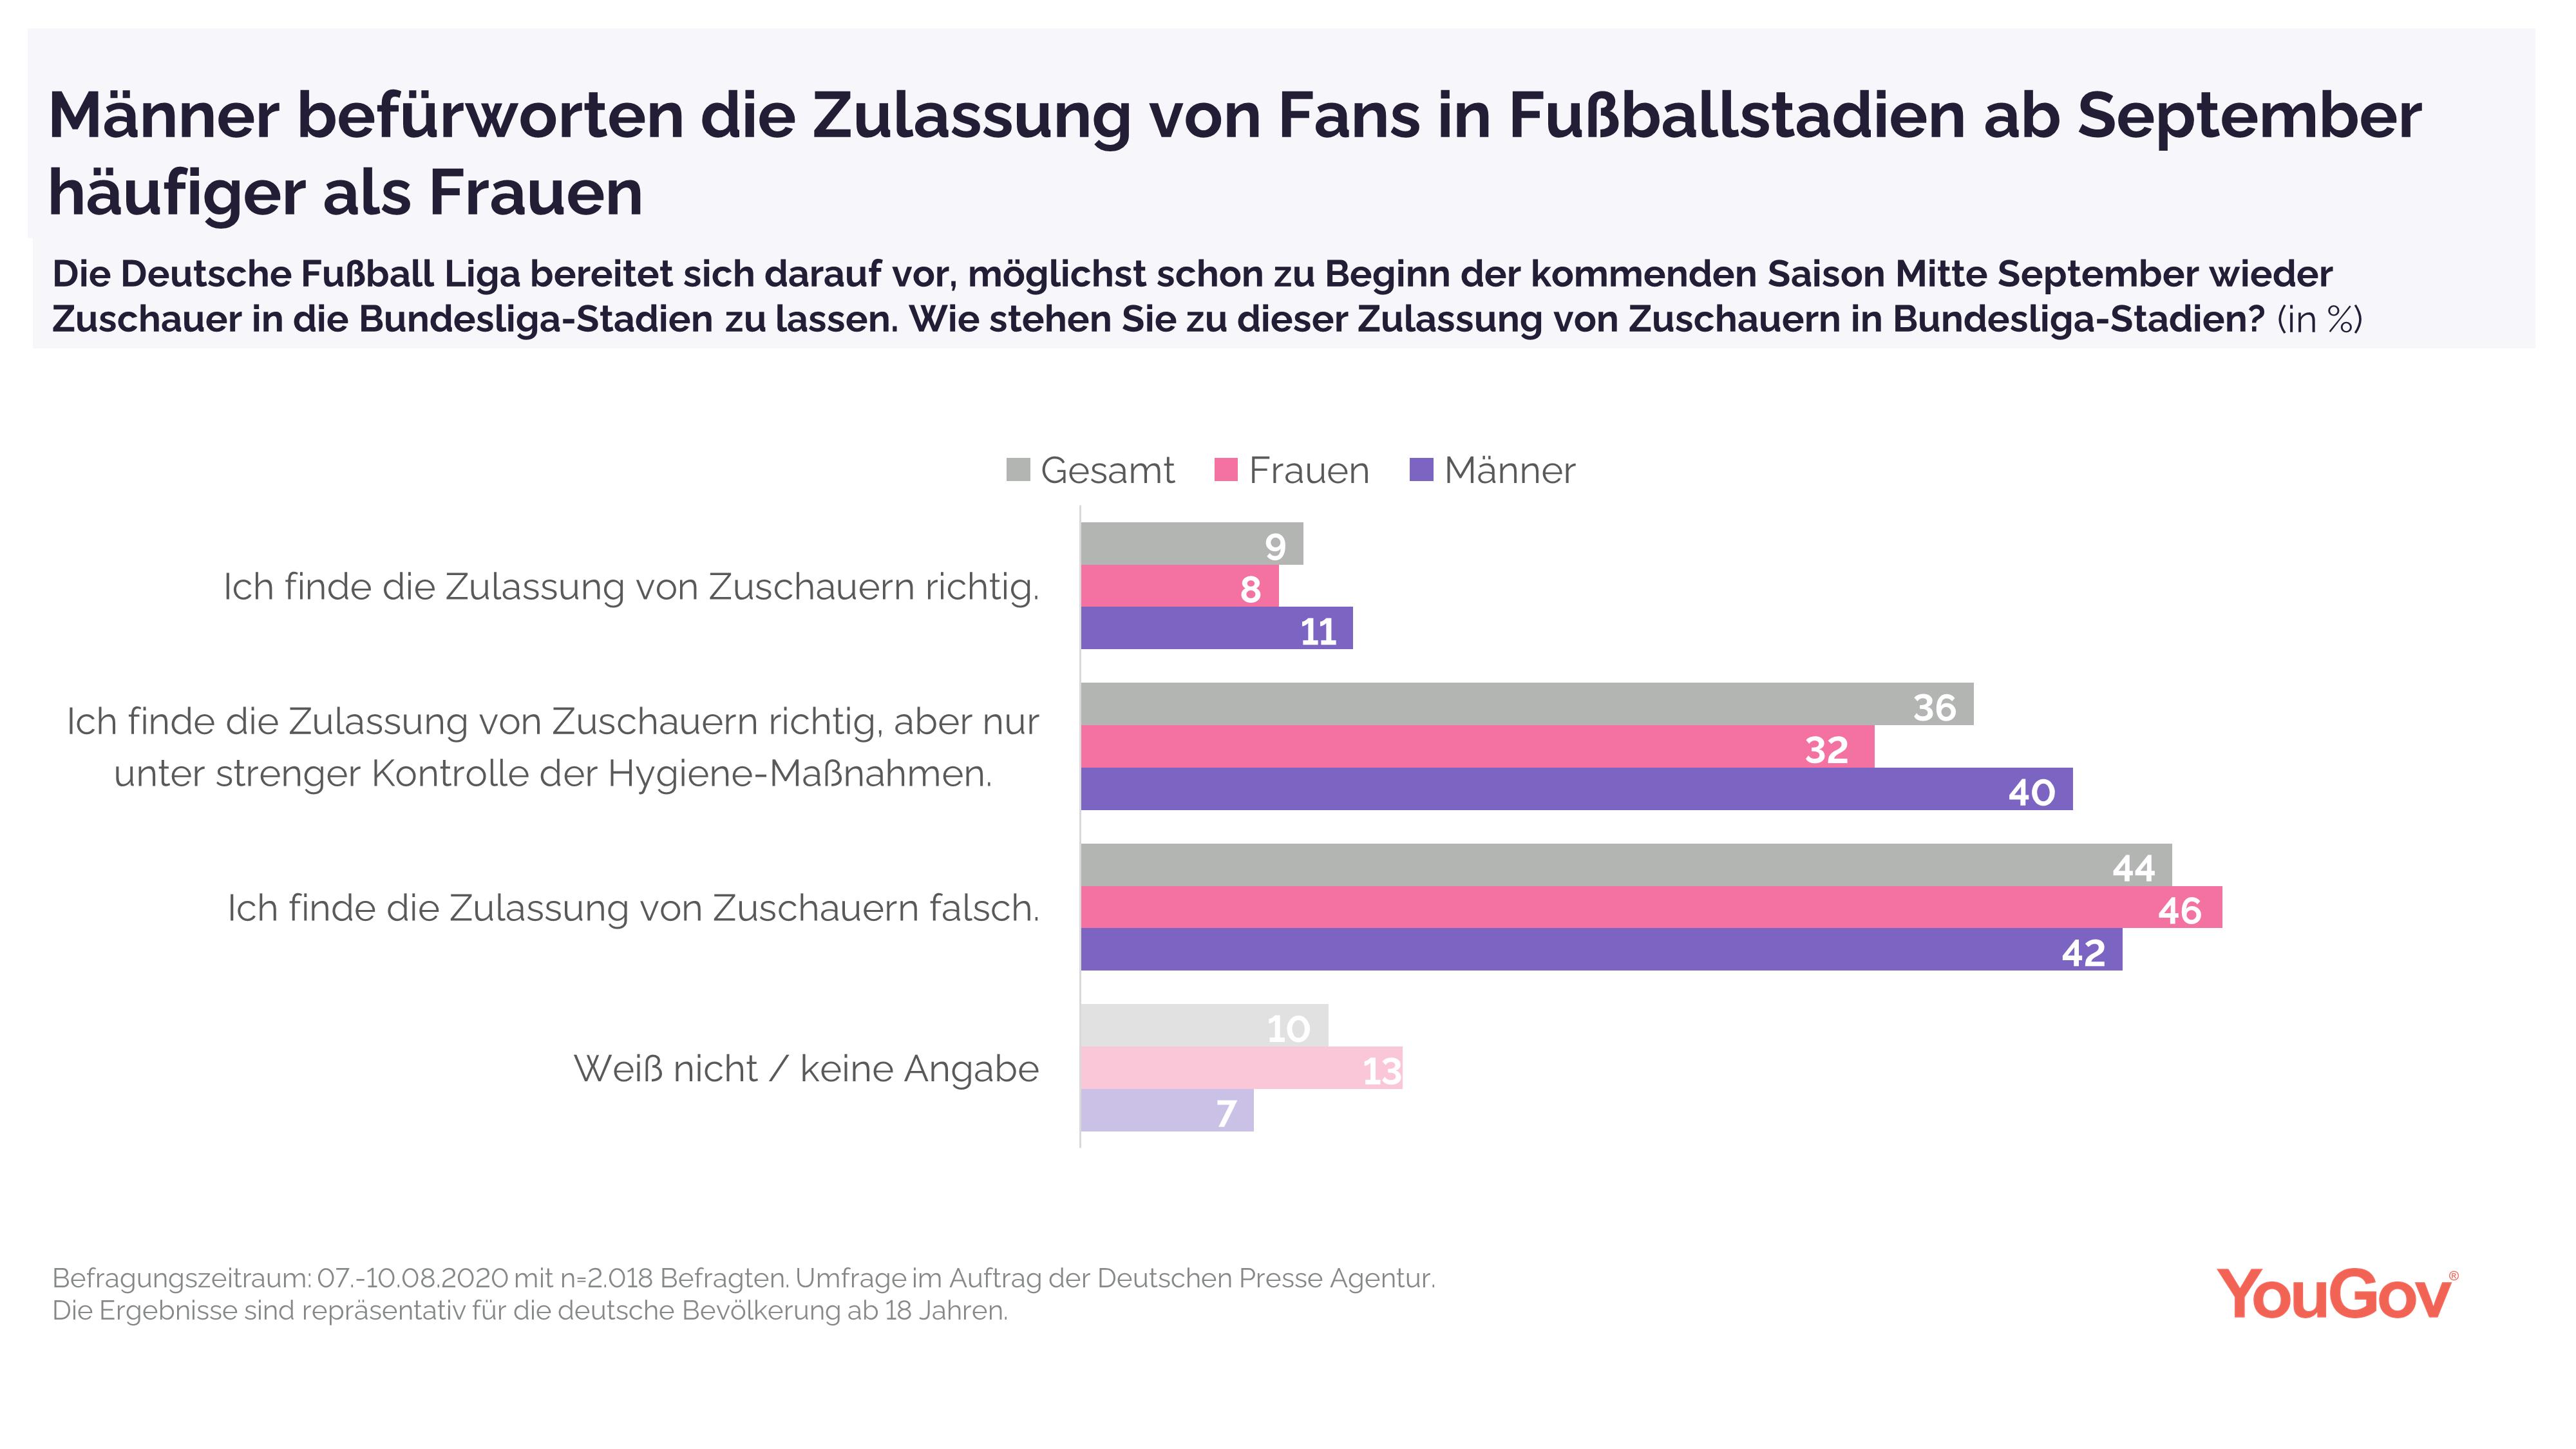 Männer befürworten Zulassung von Fans häufiger als Frauen